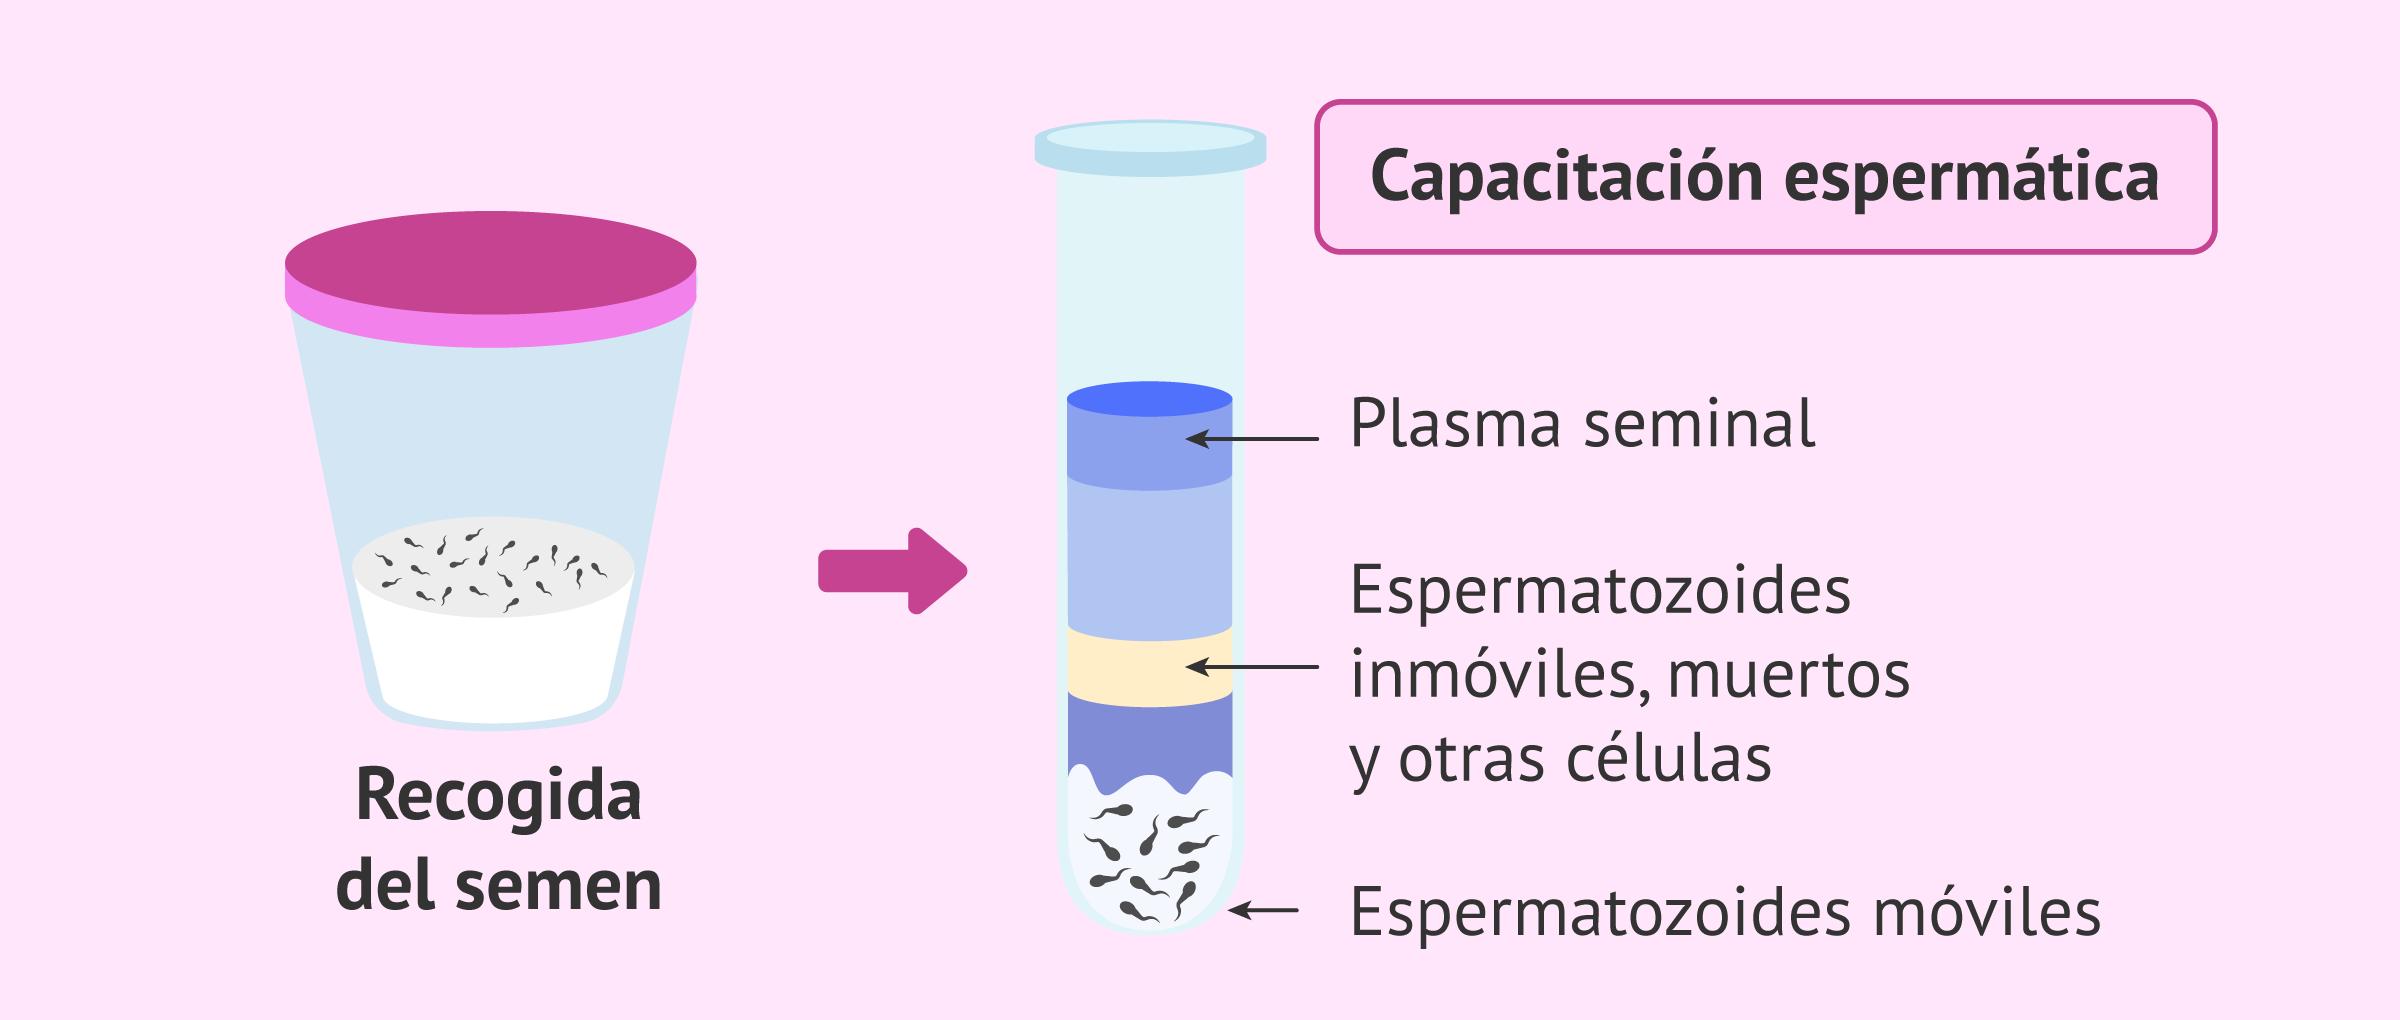 Proceso de capacitación espermática